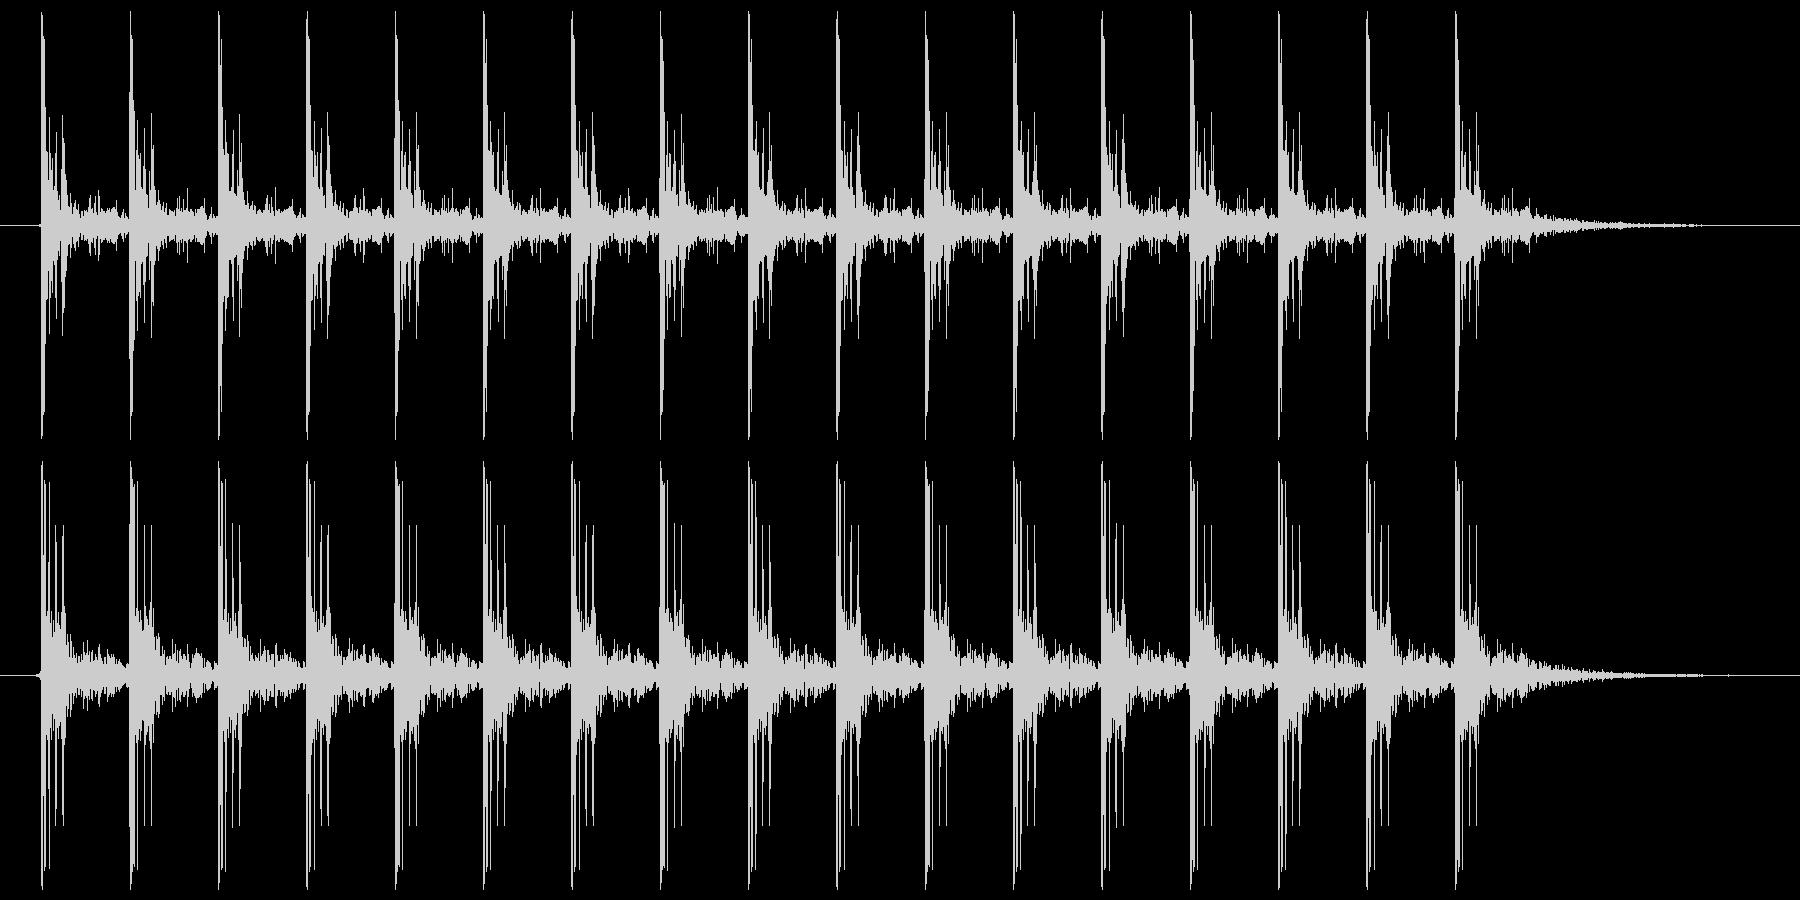 電気が走る ビビビビ…(スタンガンなど)の未再生の波形